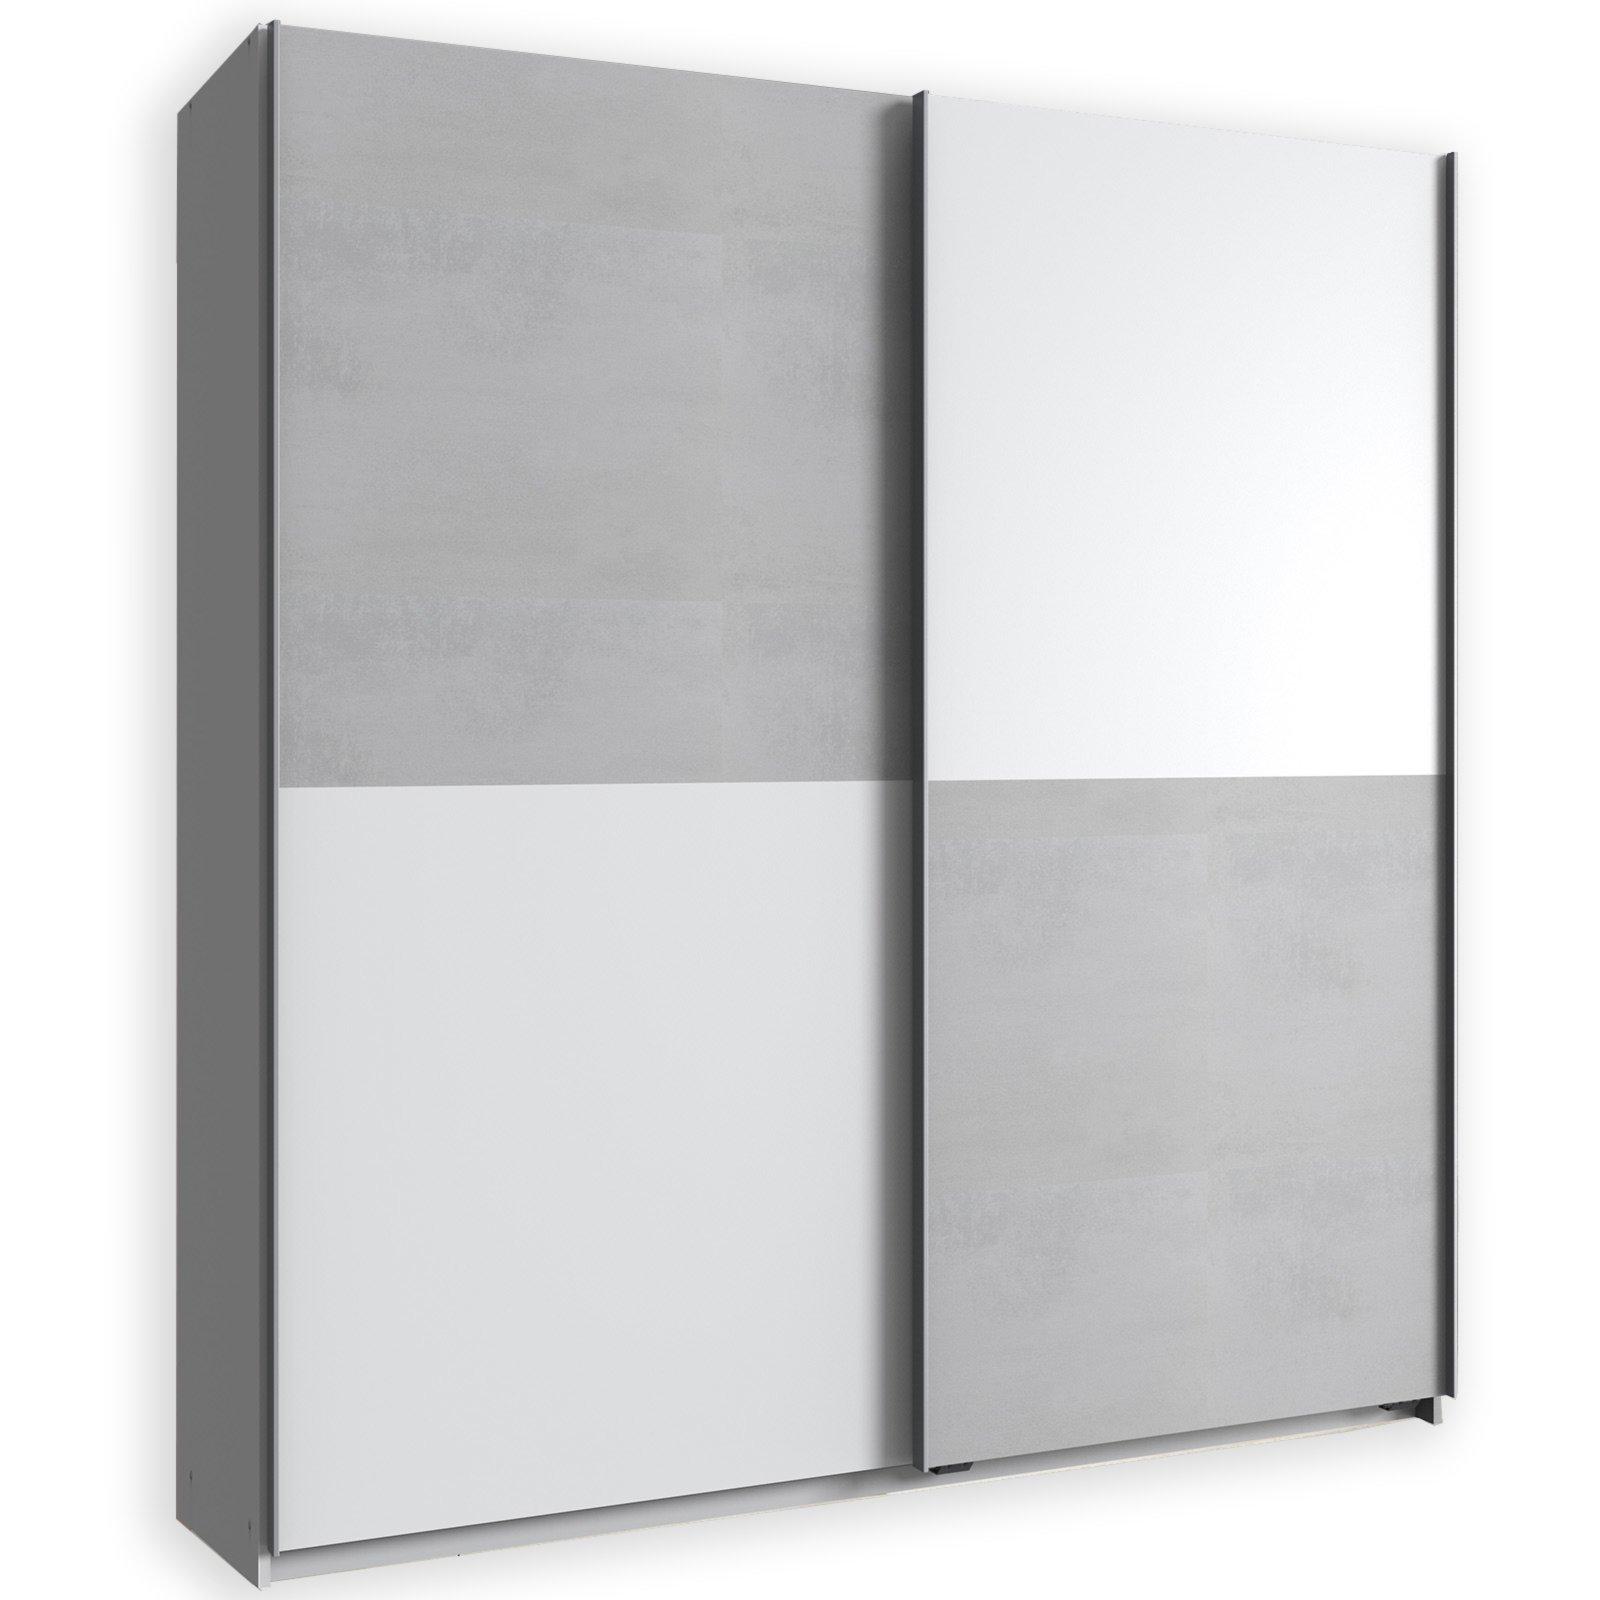 schwebetürenschrank lux - alpinweiß-betonoptik - 179 cm breit